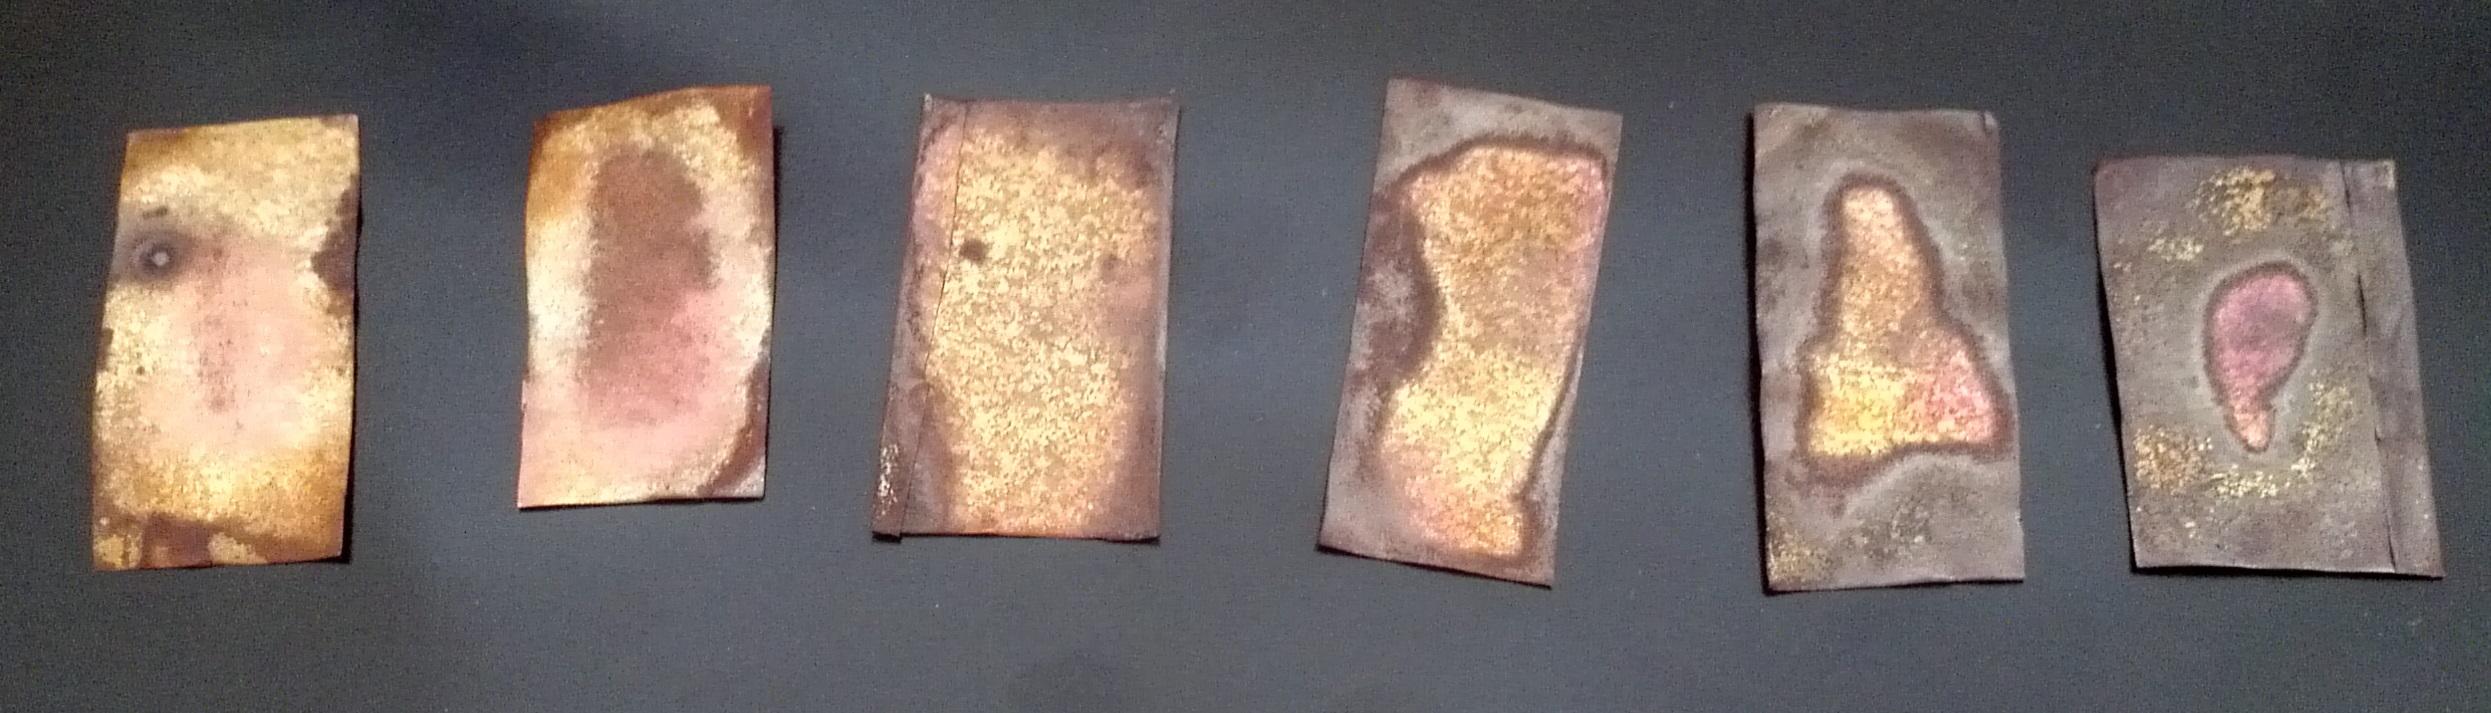 Copper/Brass foil